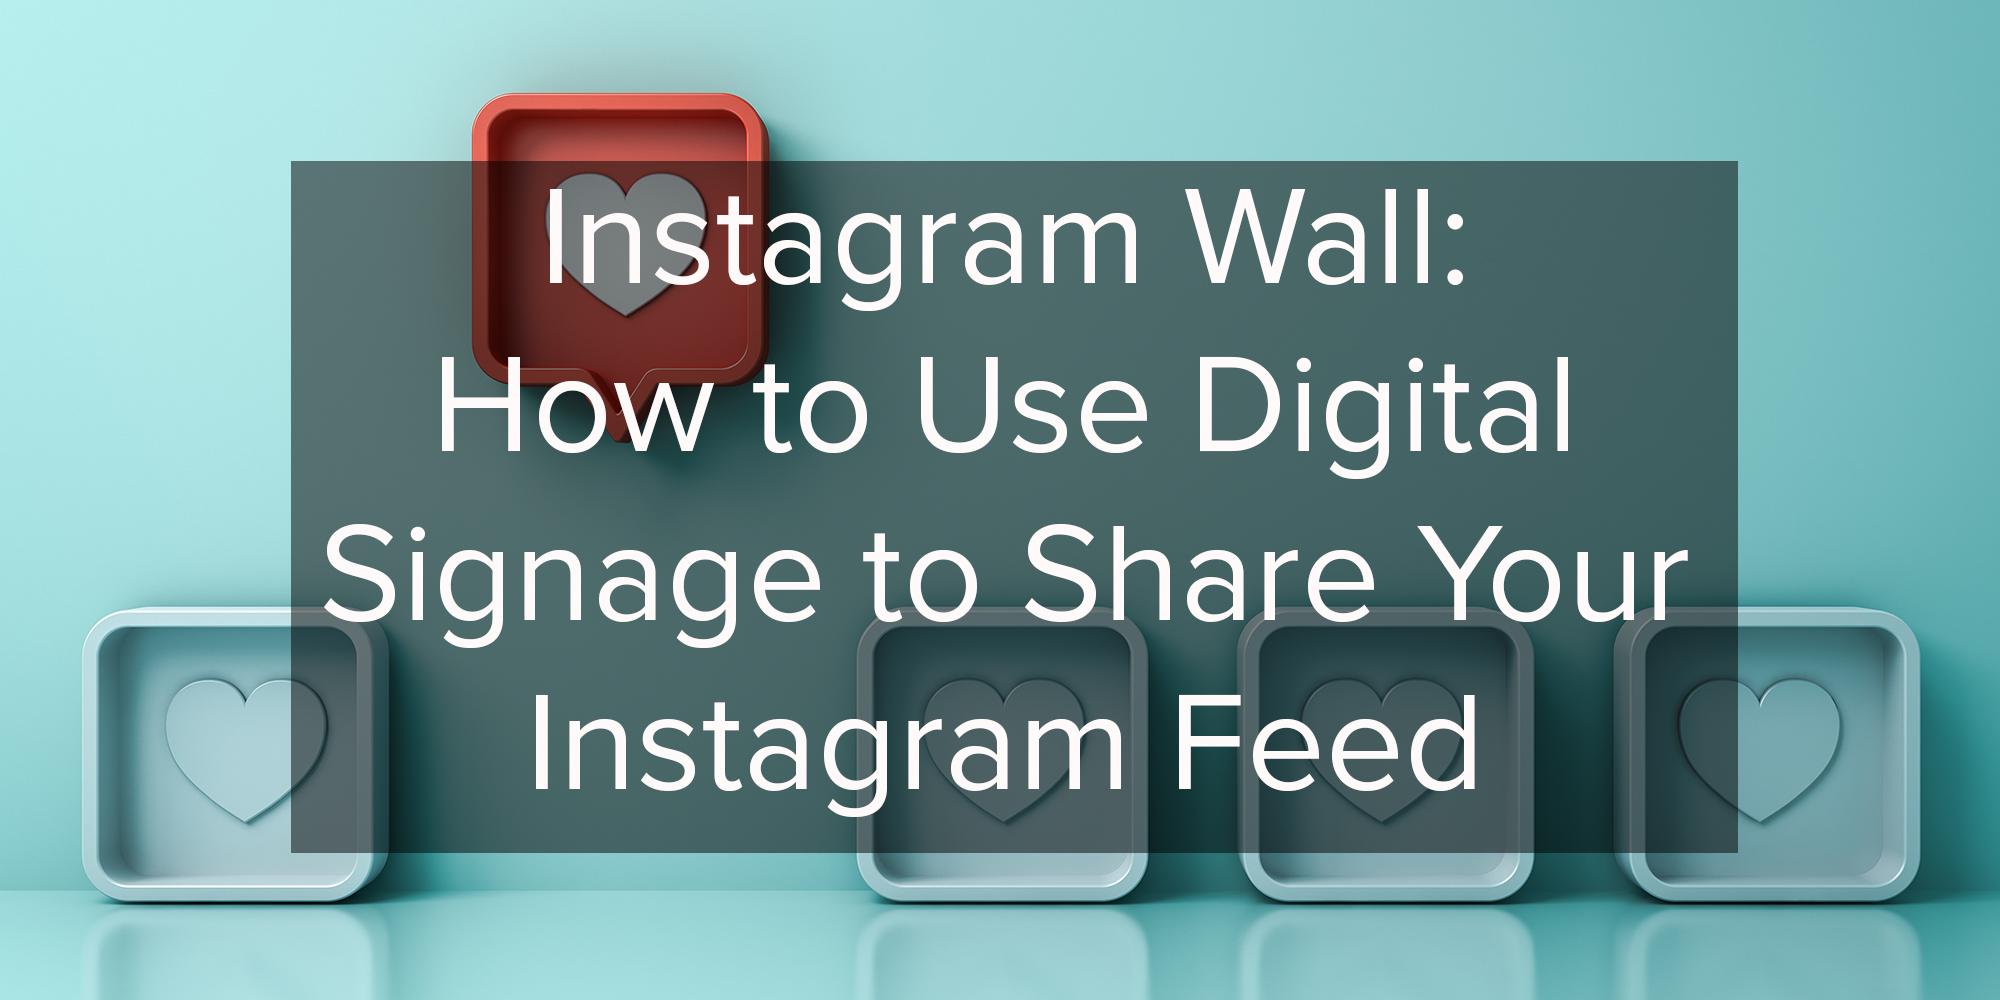 Instagram Wall